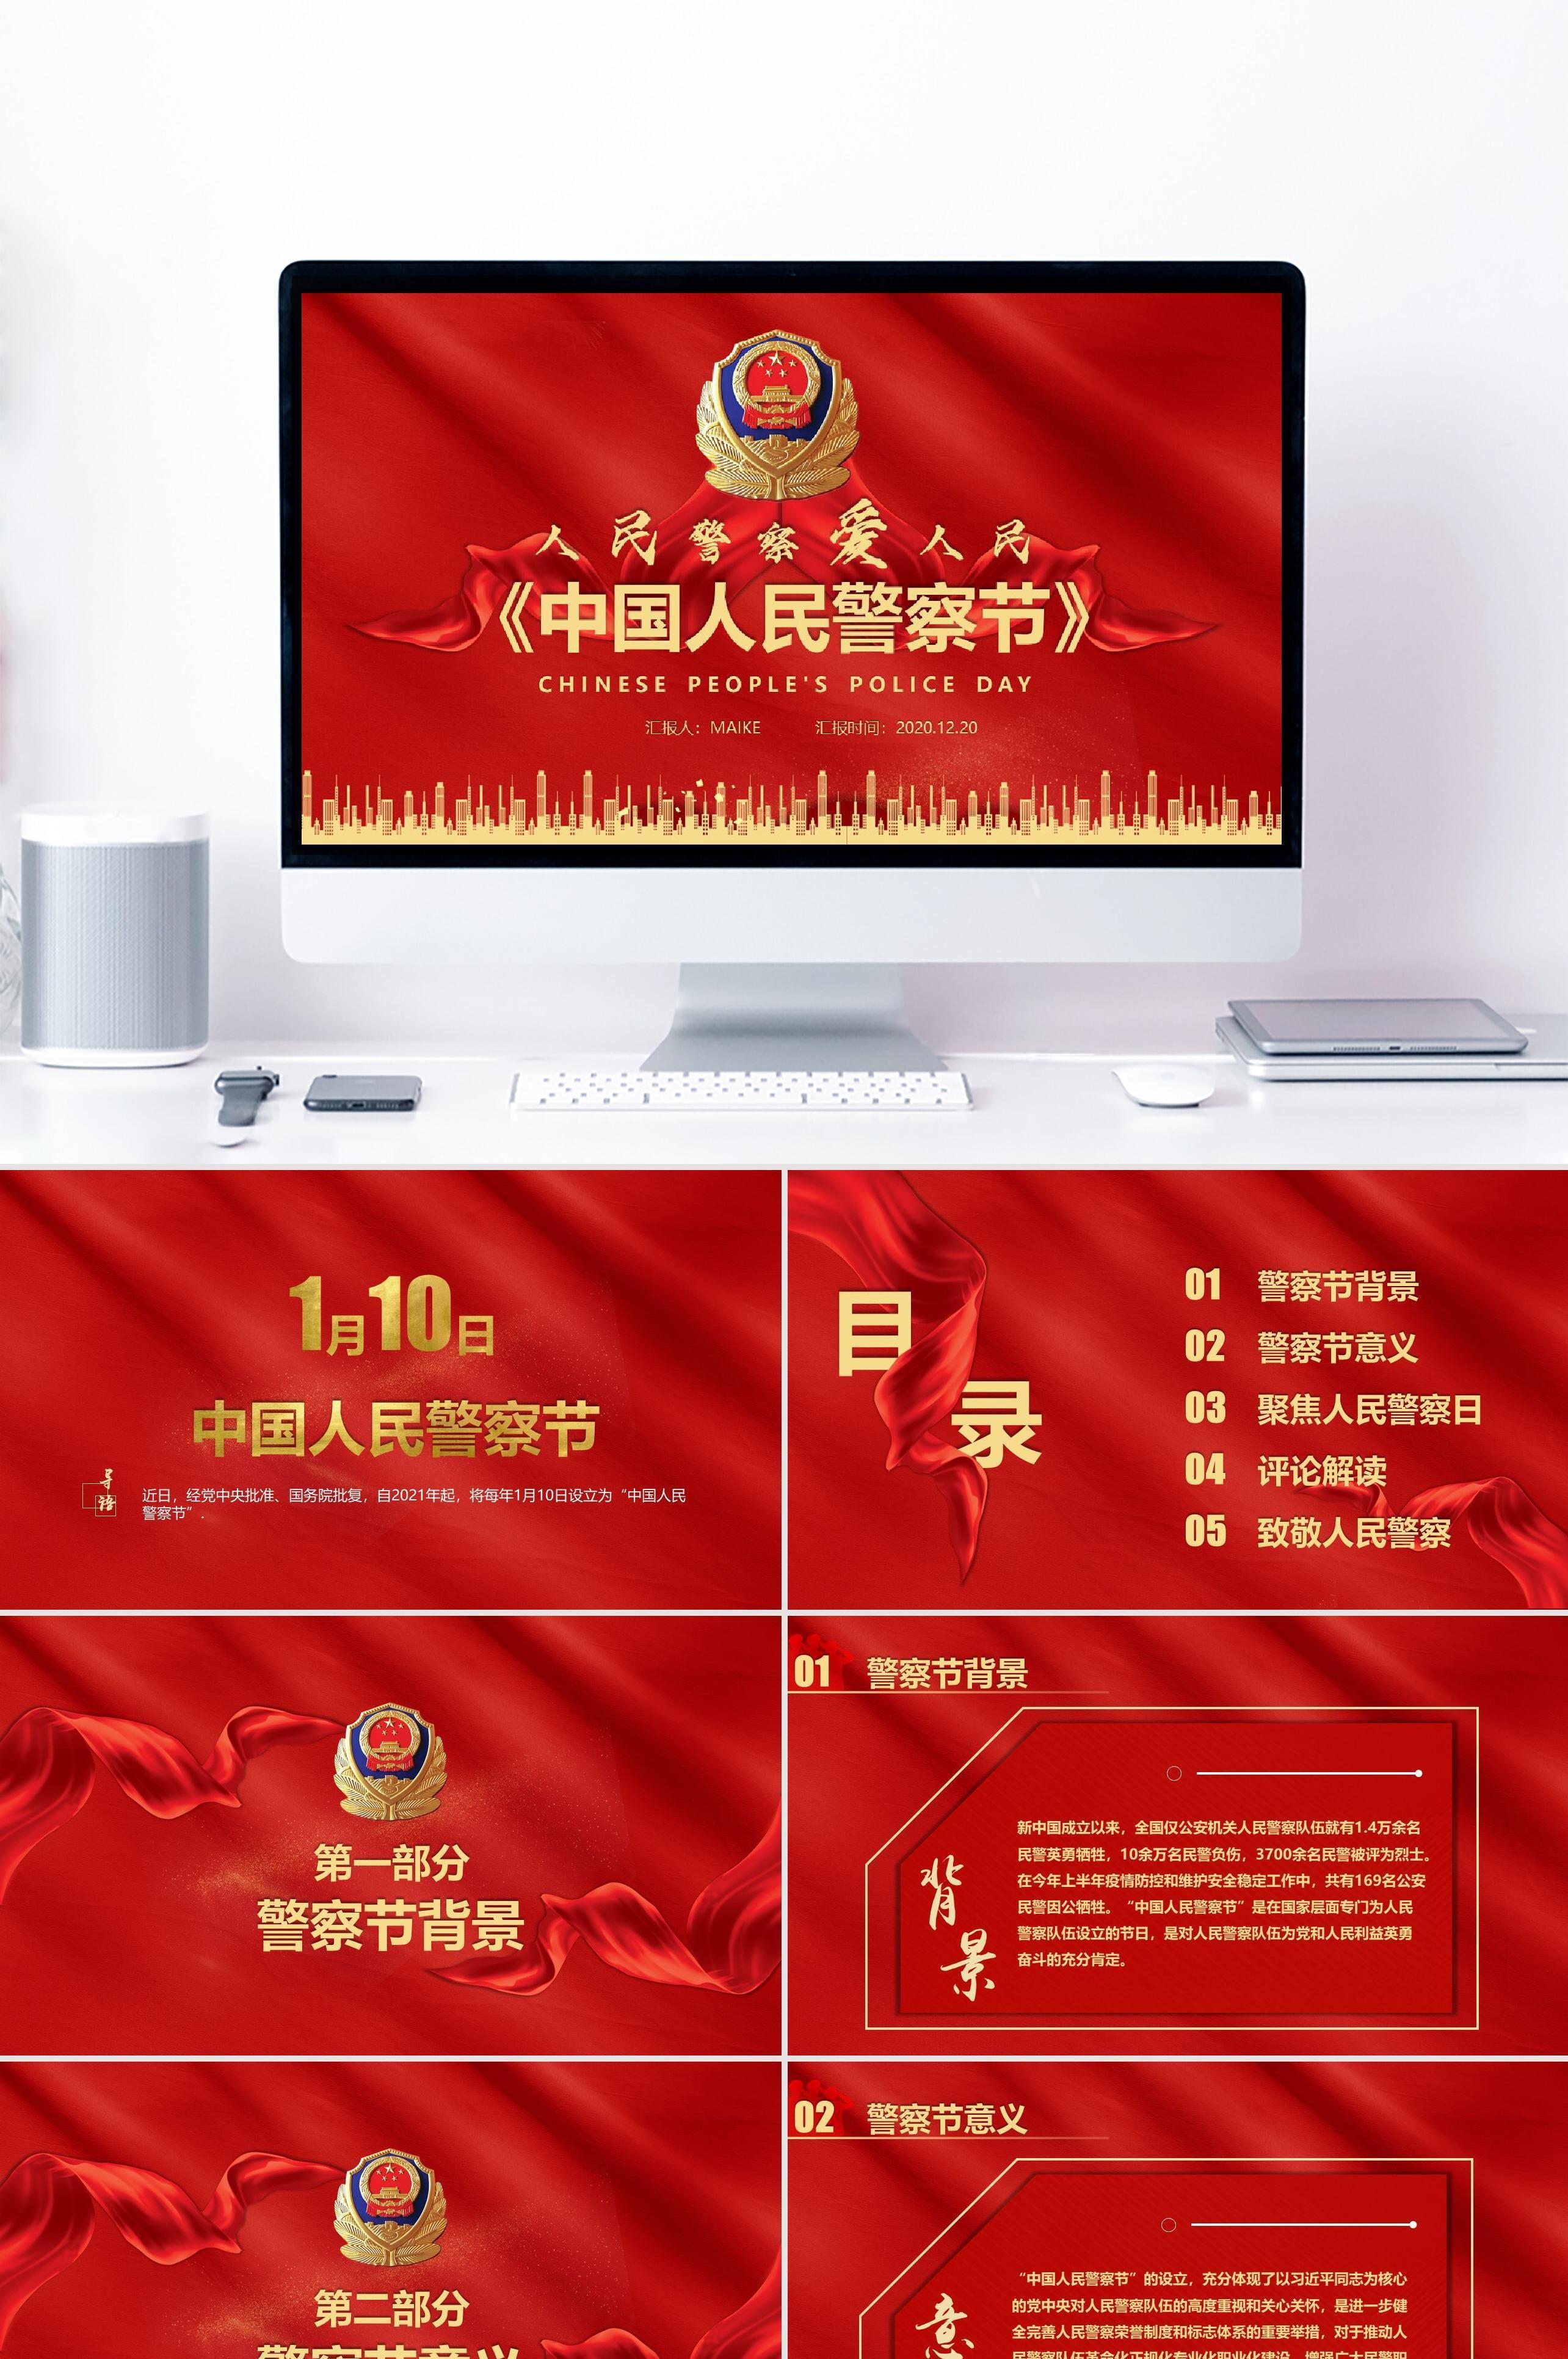 红色党政中国人民警察节PPT模板